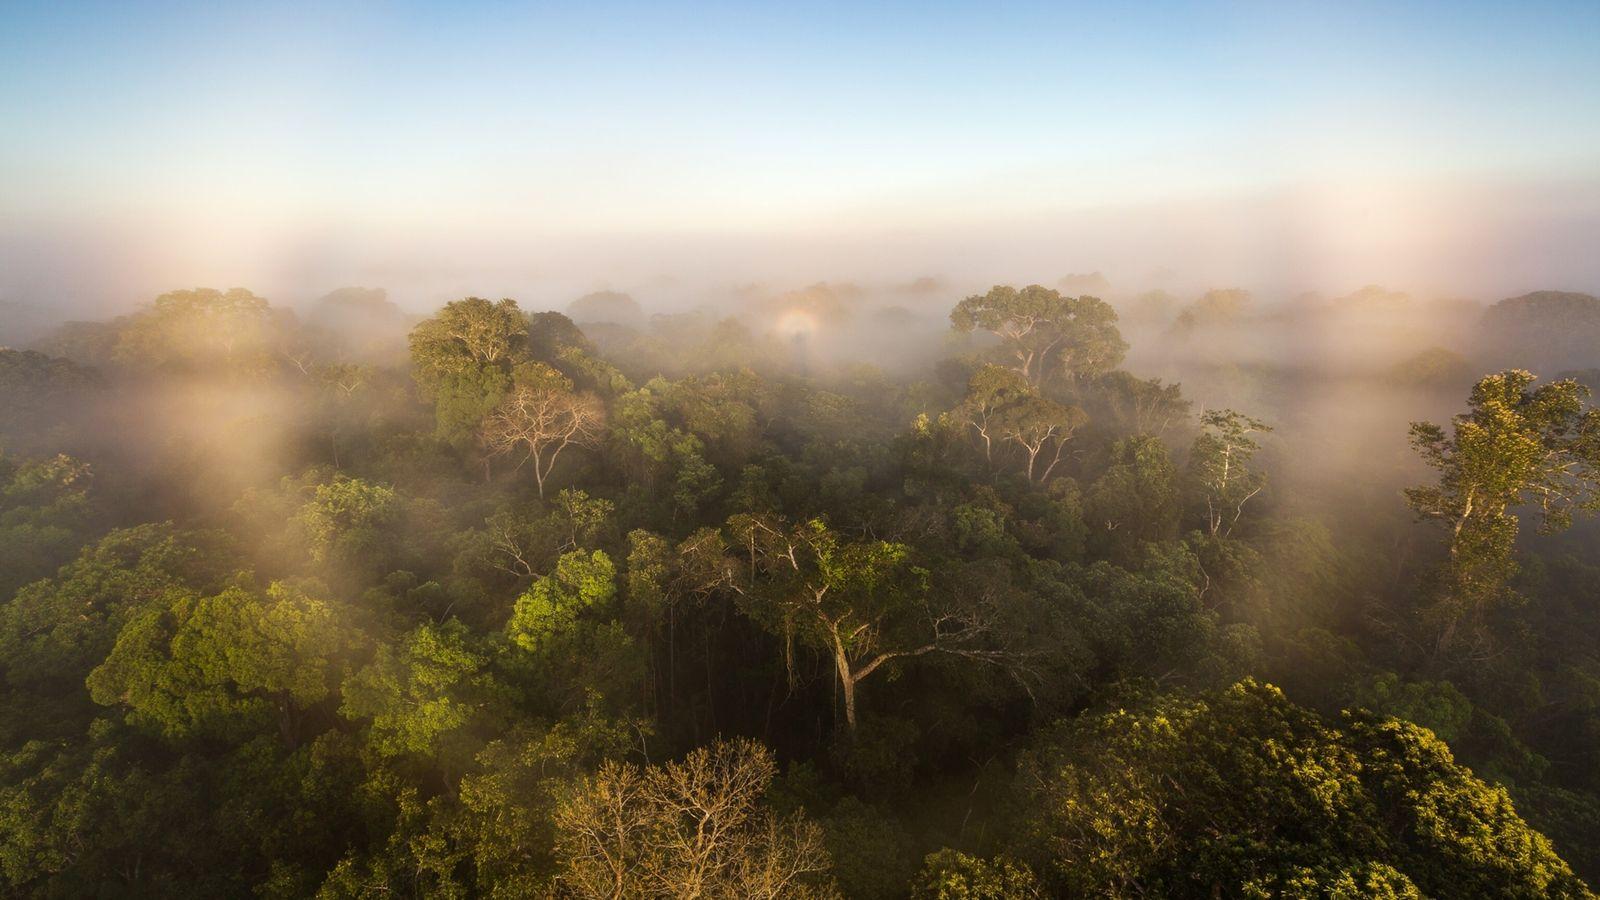 Aufgrund menschlicher Eingriffe scheint der Amazonas-Regenwald inzwischen mehr klimawärmende Gase freizusetzen als zu speichern.